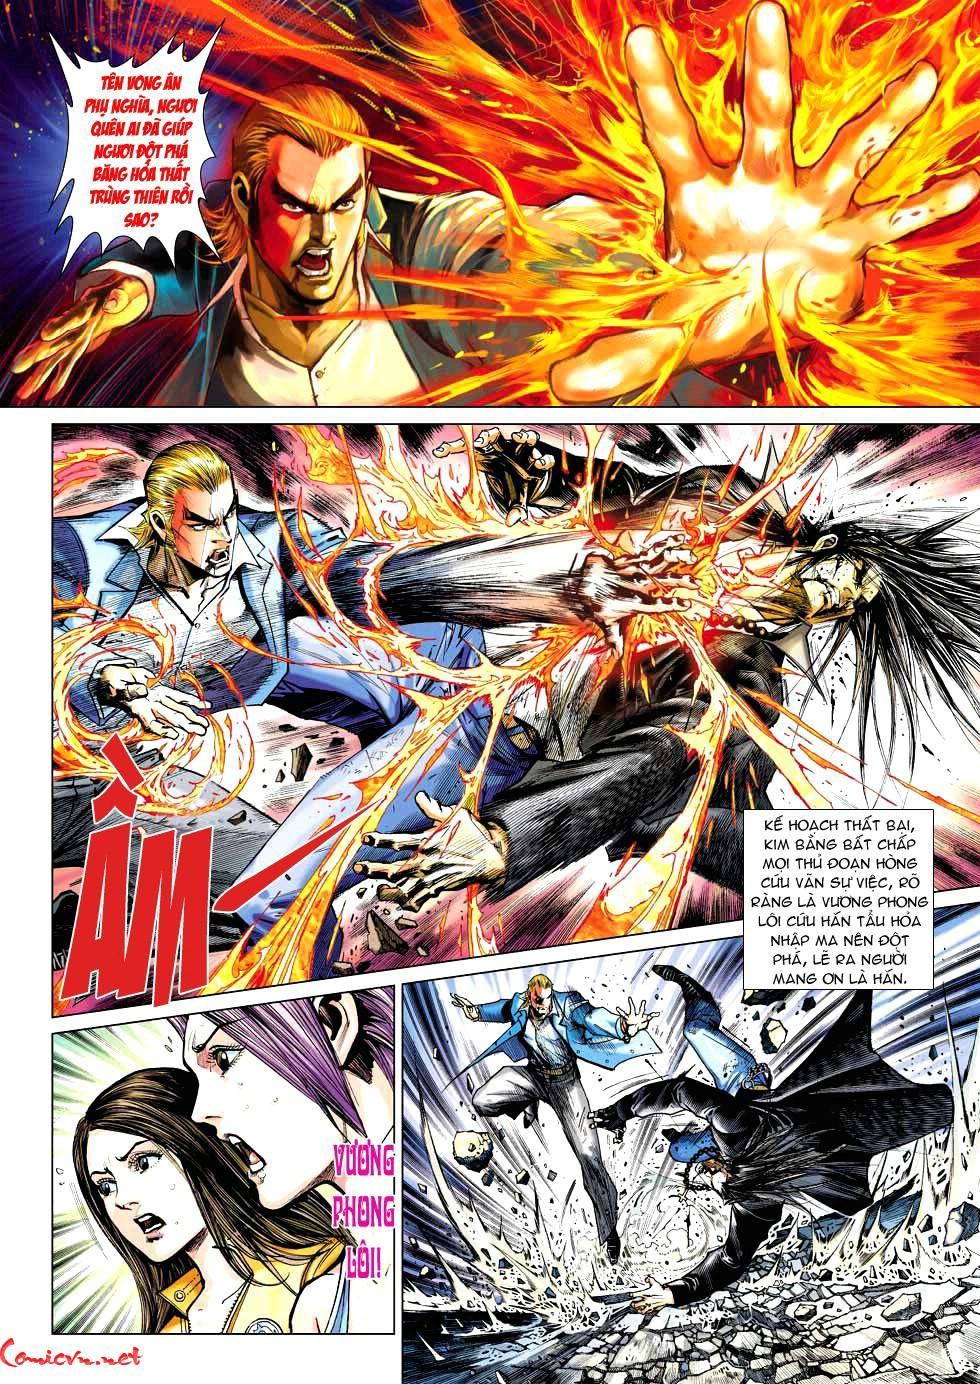 Vương Phong Lôi 1 chap 34 - Trang 4